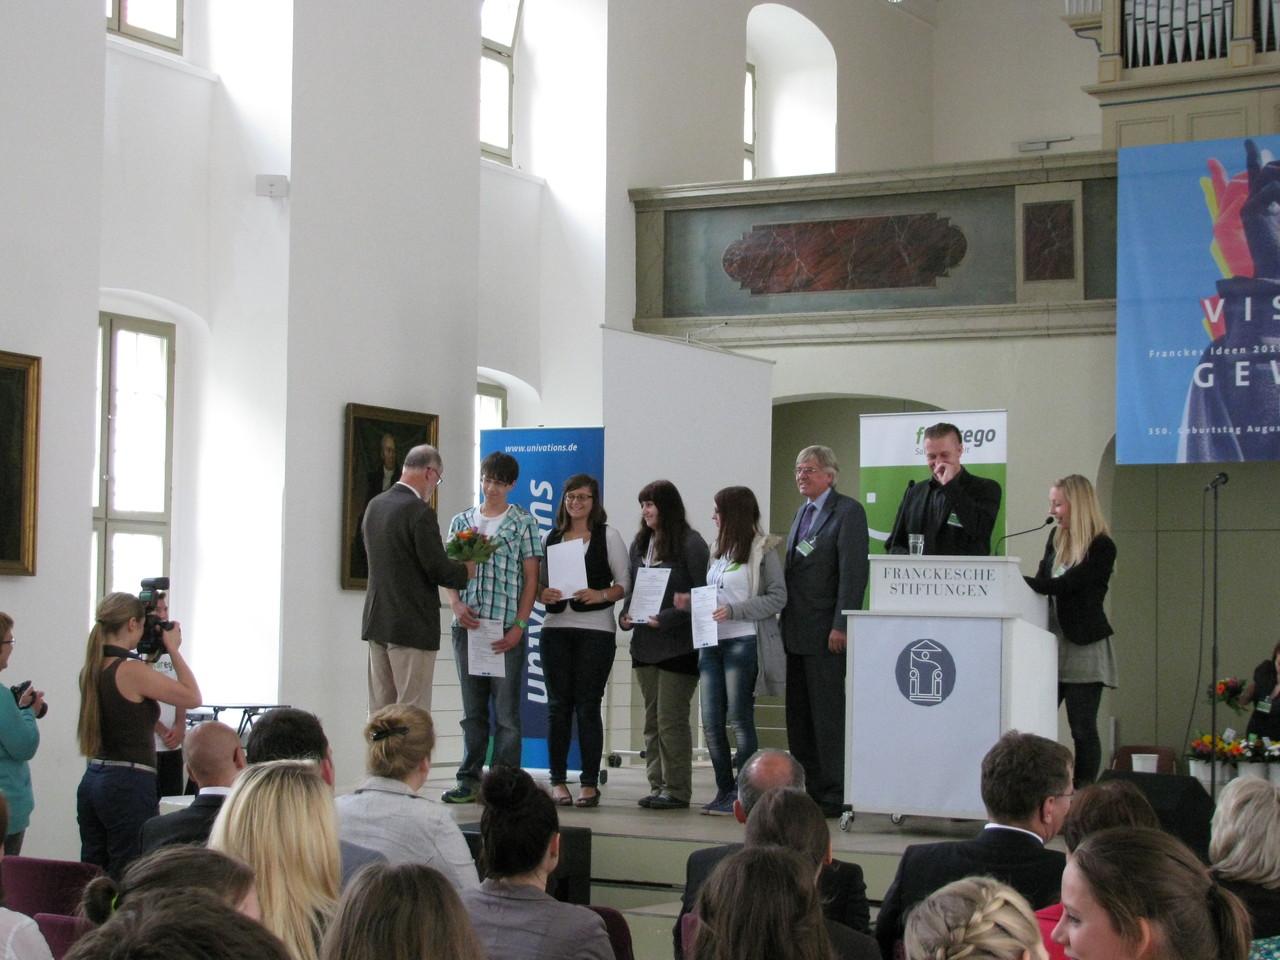 Gratulation an Kevin, Corinna, Anne & Susi - Wir gratulieren besonders Corinna & Kevin als Mitarbeiter unserer Schülerfirma